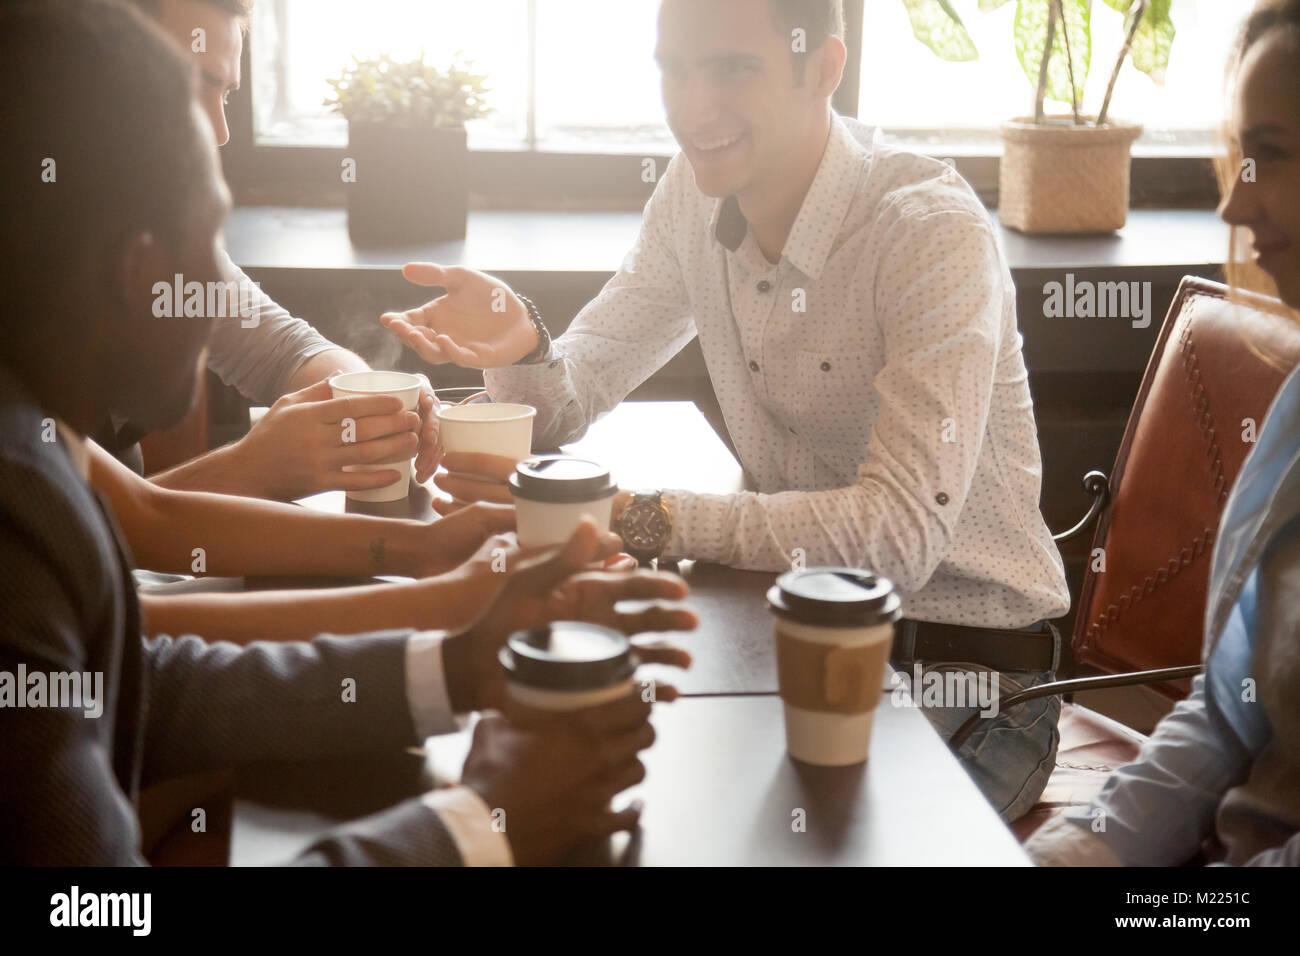 Multi etnico gruppo di amici a bere caffè insieme in cafe Immagini Stock